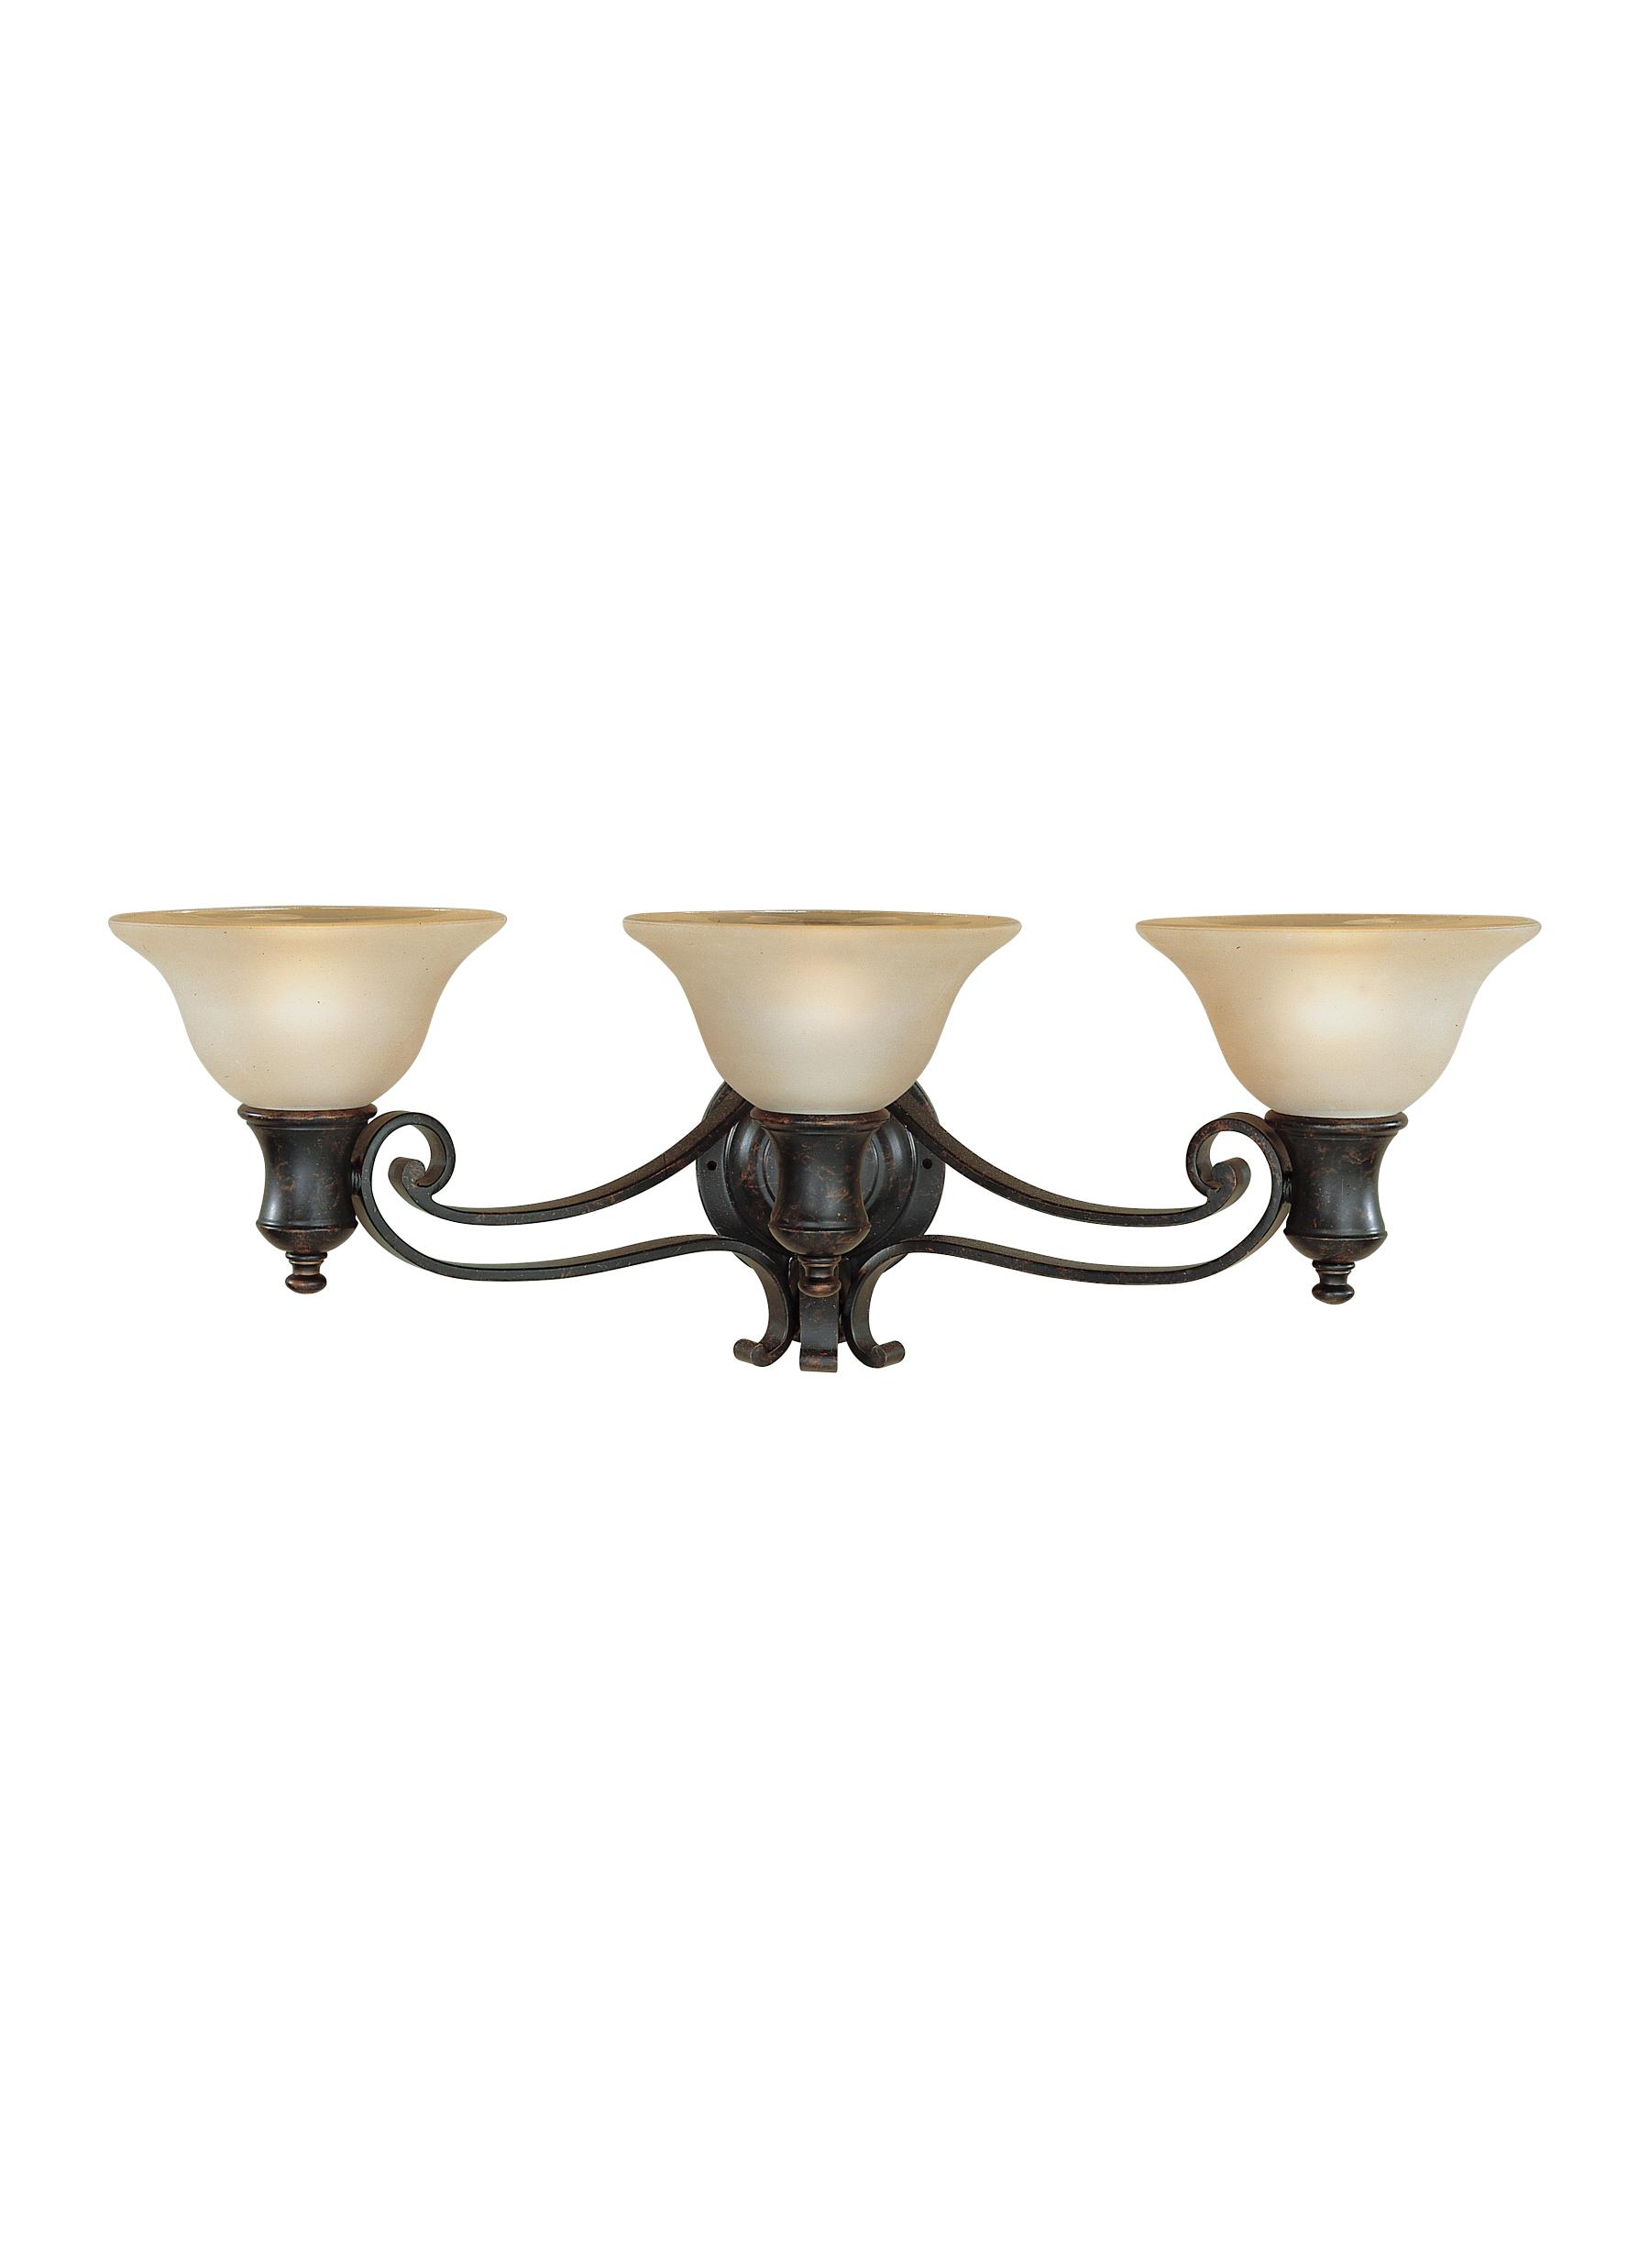 VS9203-LBR,3 - Light Vanity Fixture,Liberty Bronze